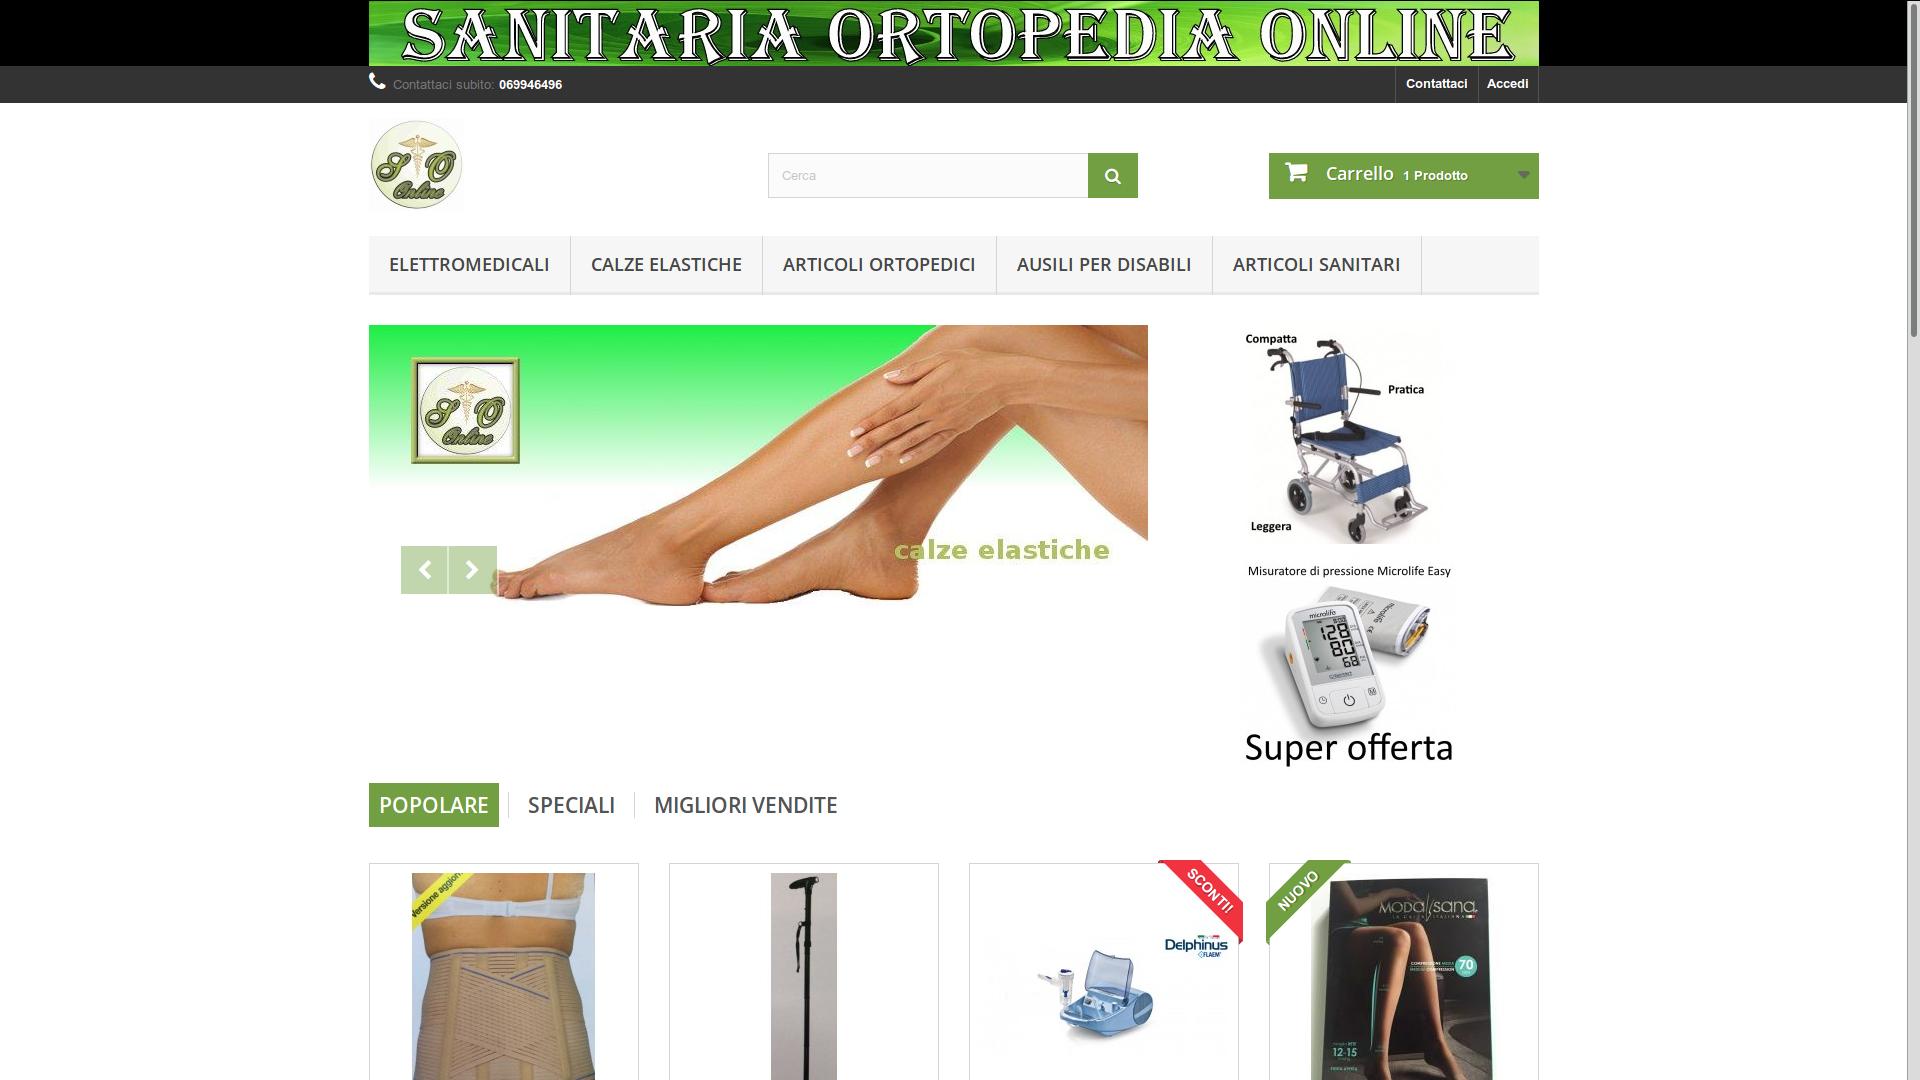 Ottimizzazione SEO sito e-commerce Ortopedia Sanitaria Online